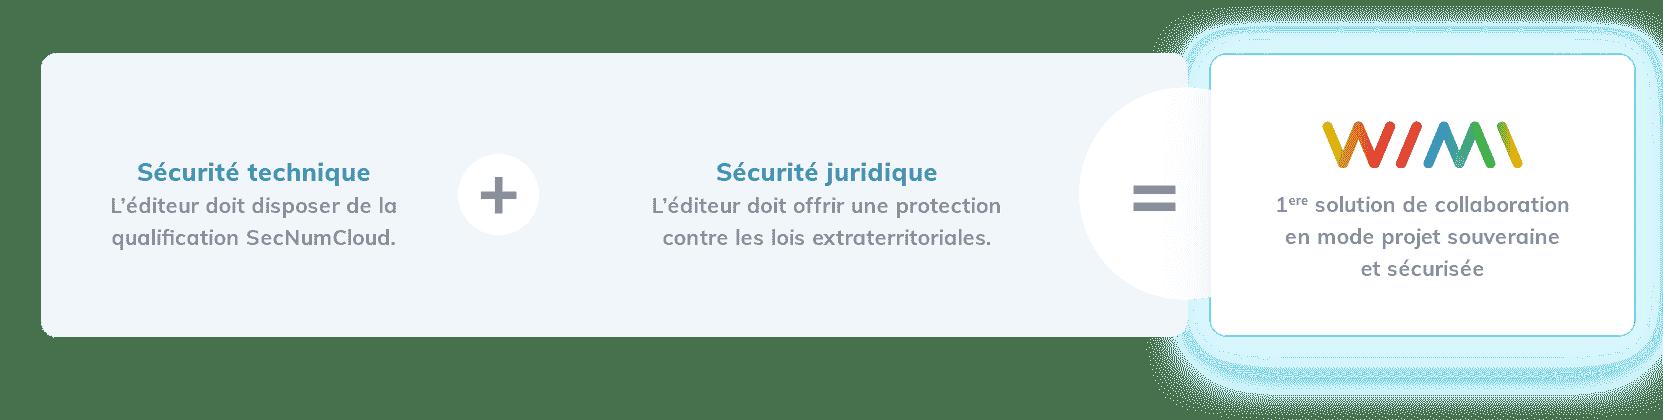 wimi freeze securite - Wimi